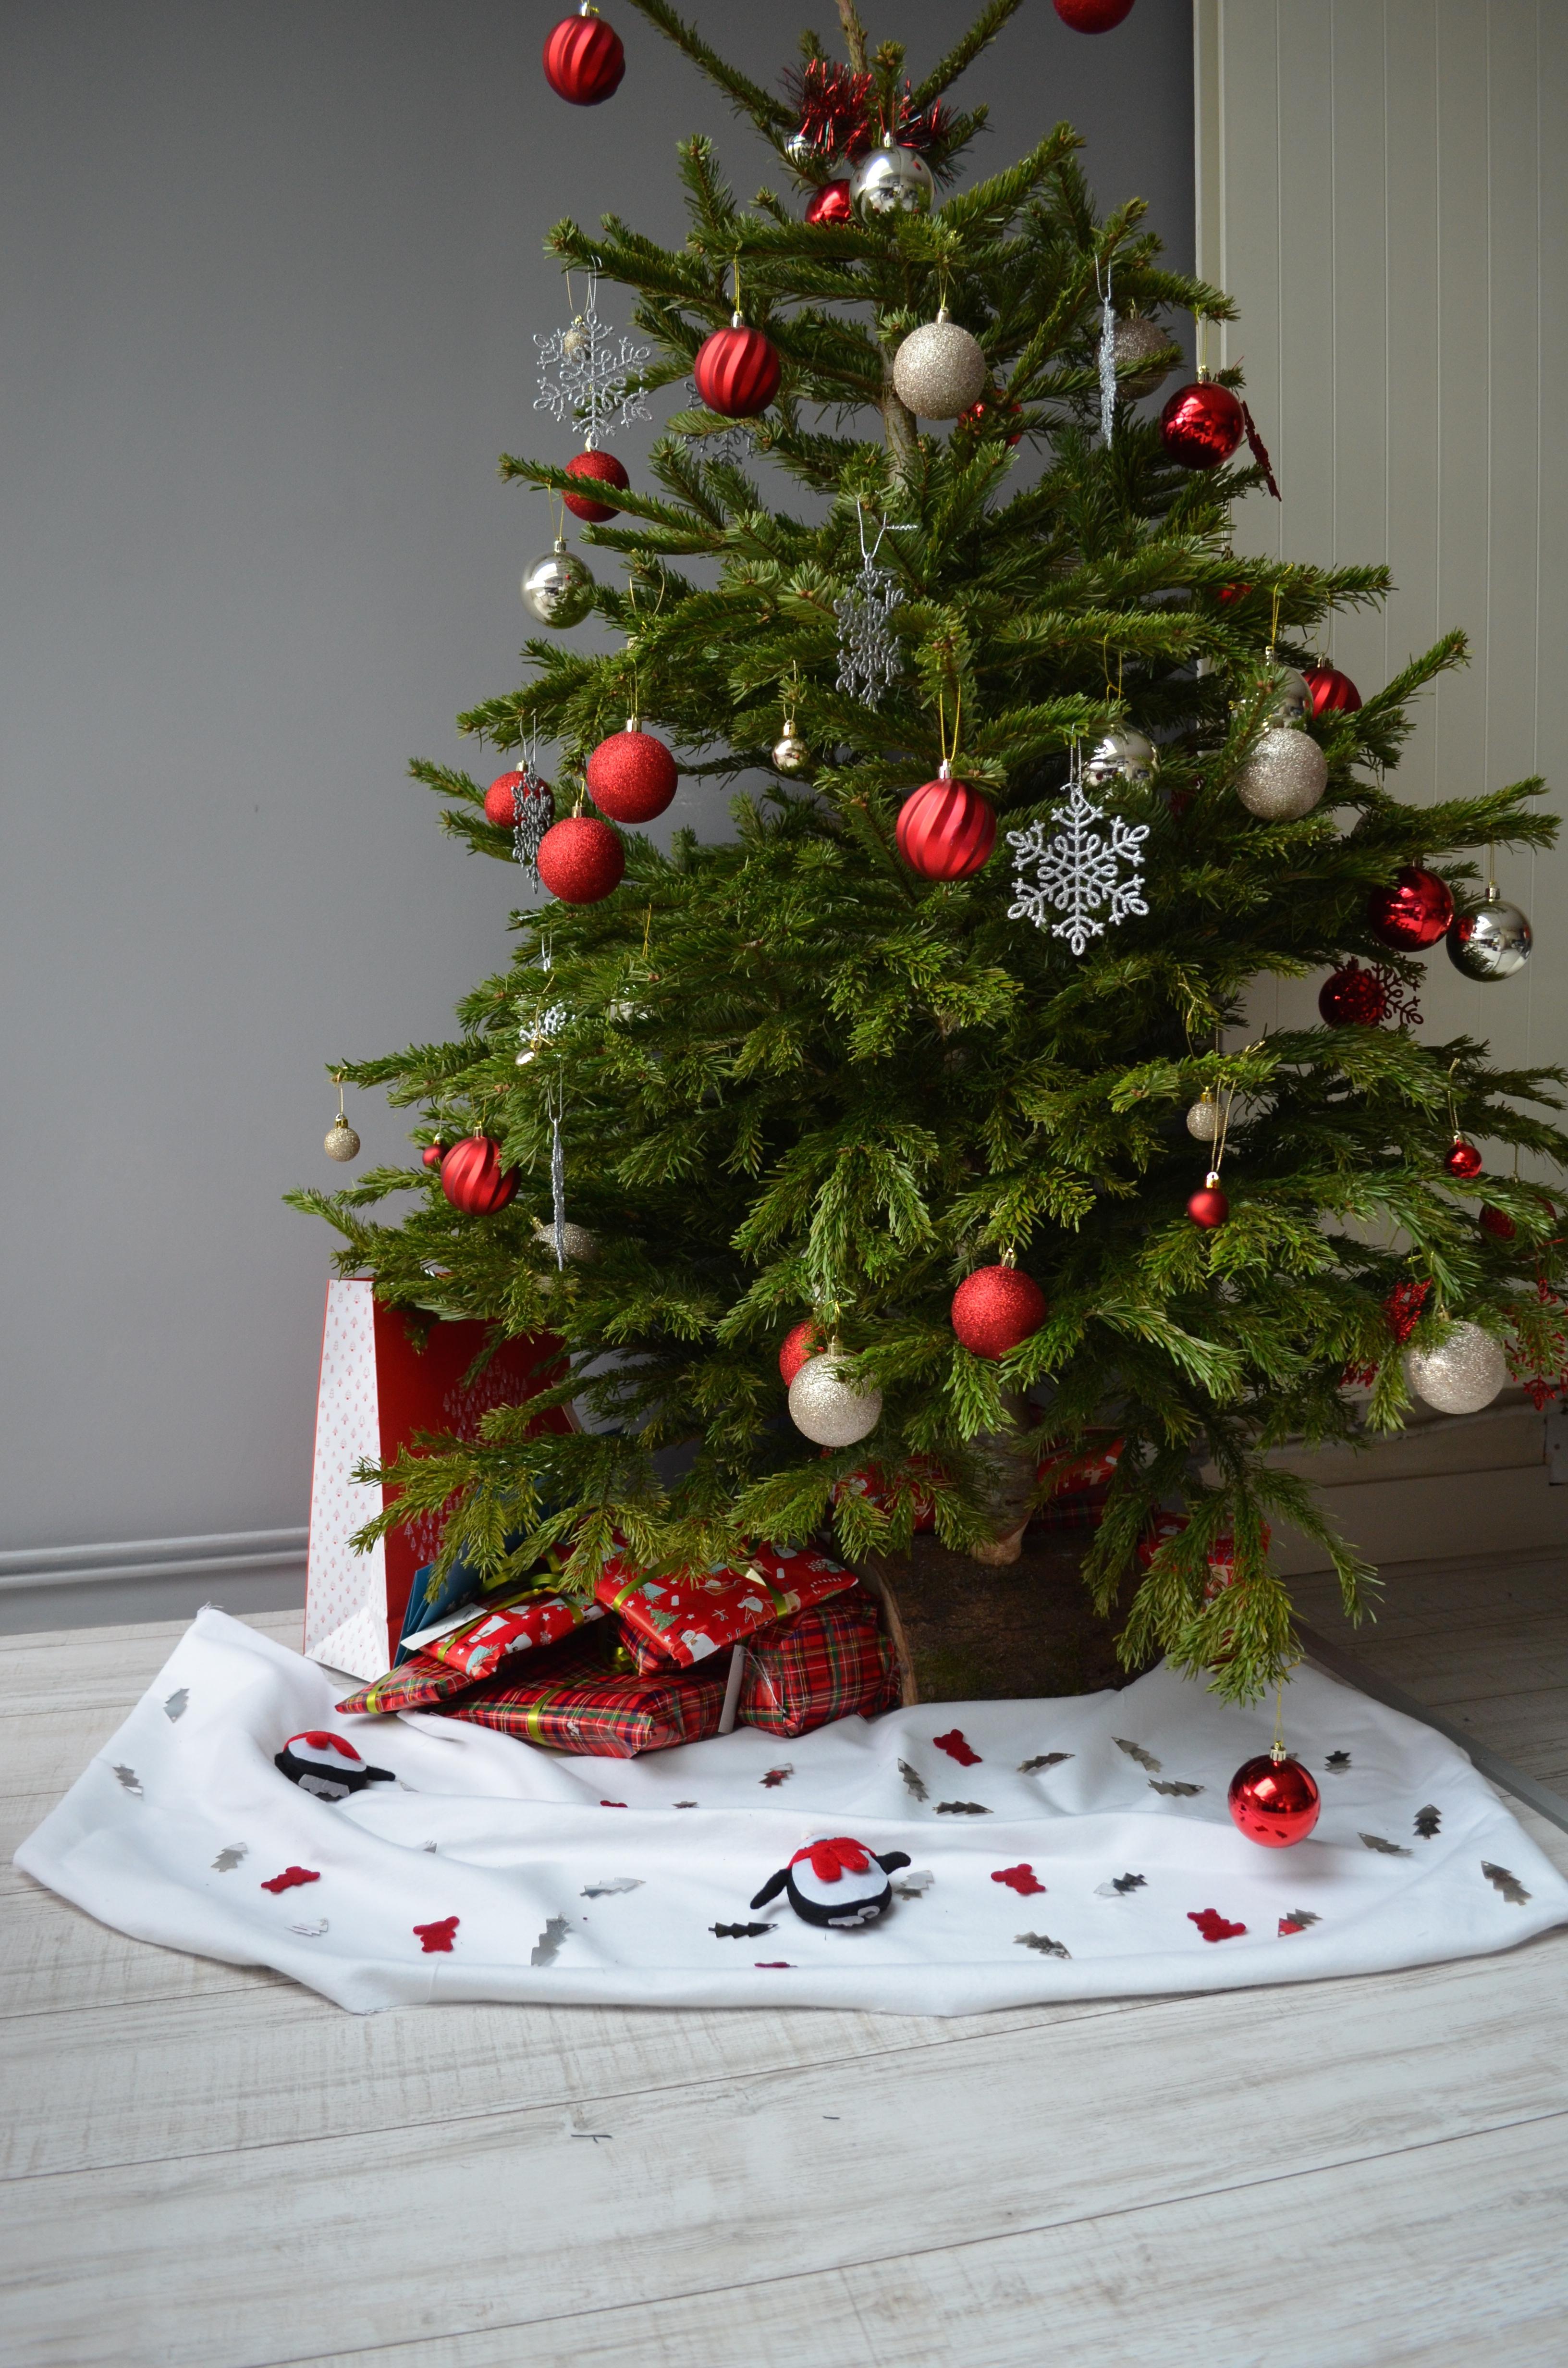 Mes cadeaux de no l faits maison 2 for Cadeaux de noel maison